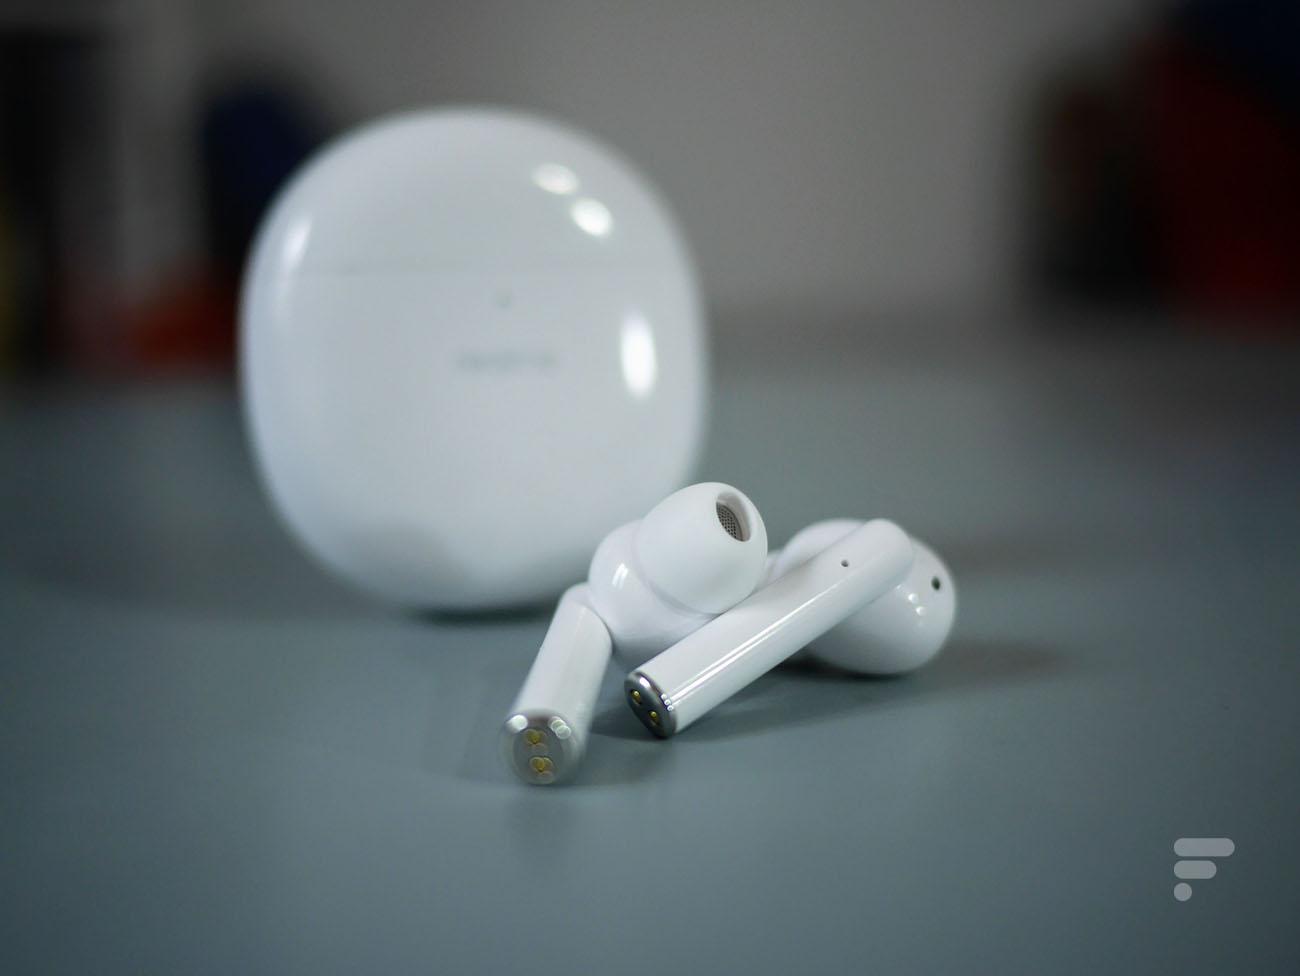 Test des Realme Buds Air Pro : de bons écouteurs à réduction de bruit pour moins de 90 euros